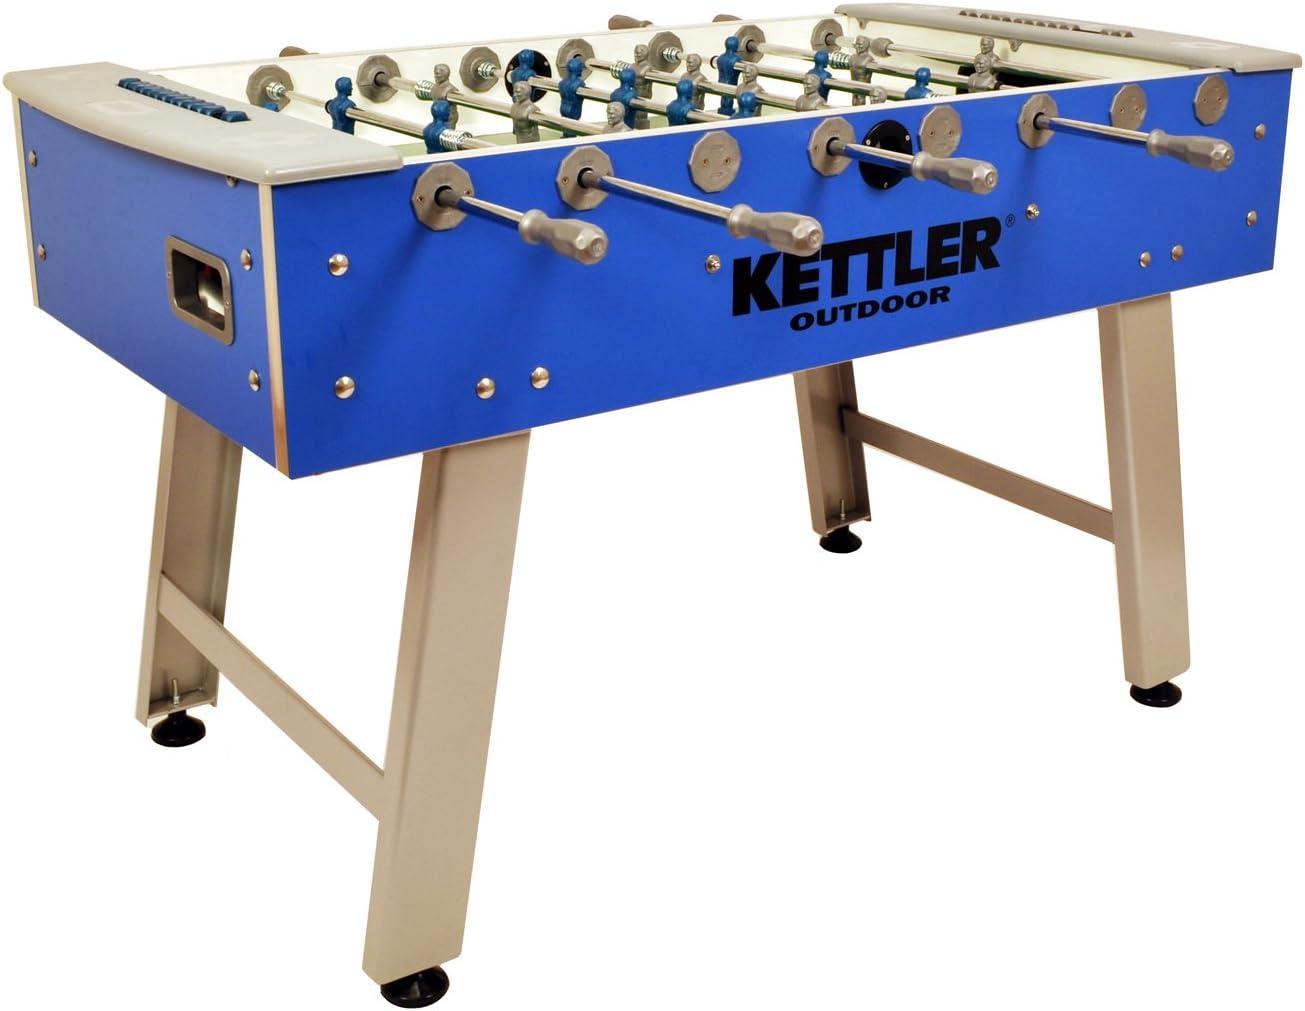 Kettler Impermeable Indoor/Outdoor futbolín/fútbol Mesa de Juego: Amazon.es: Deportes y aire libre